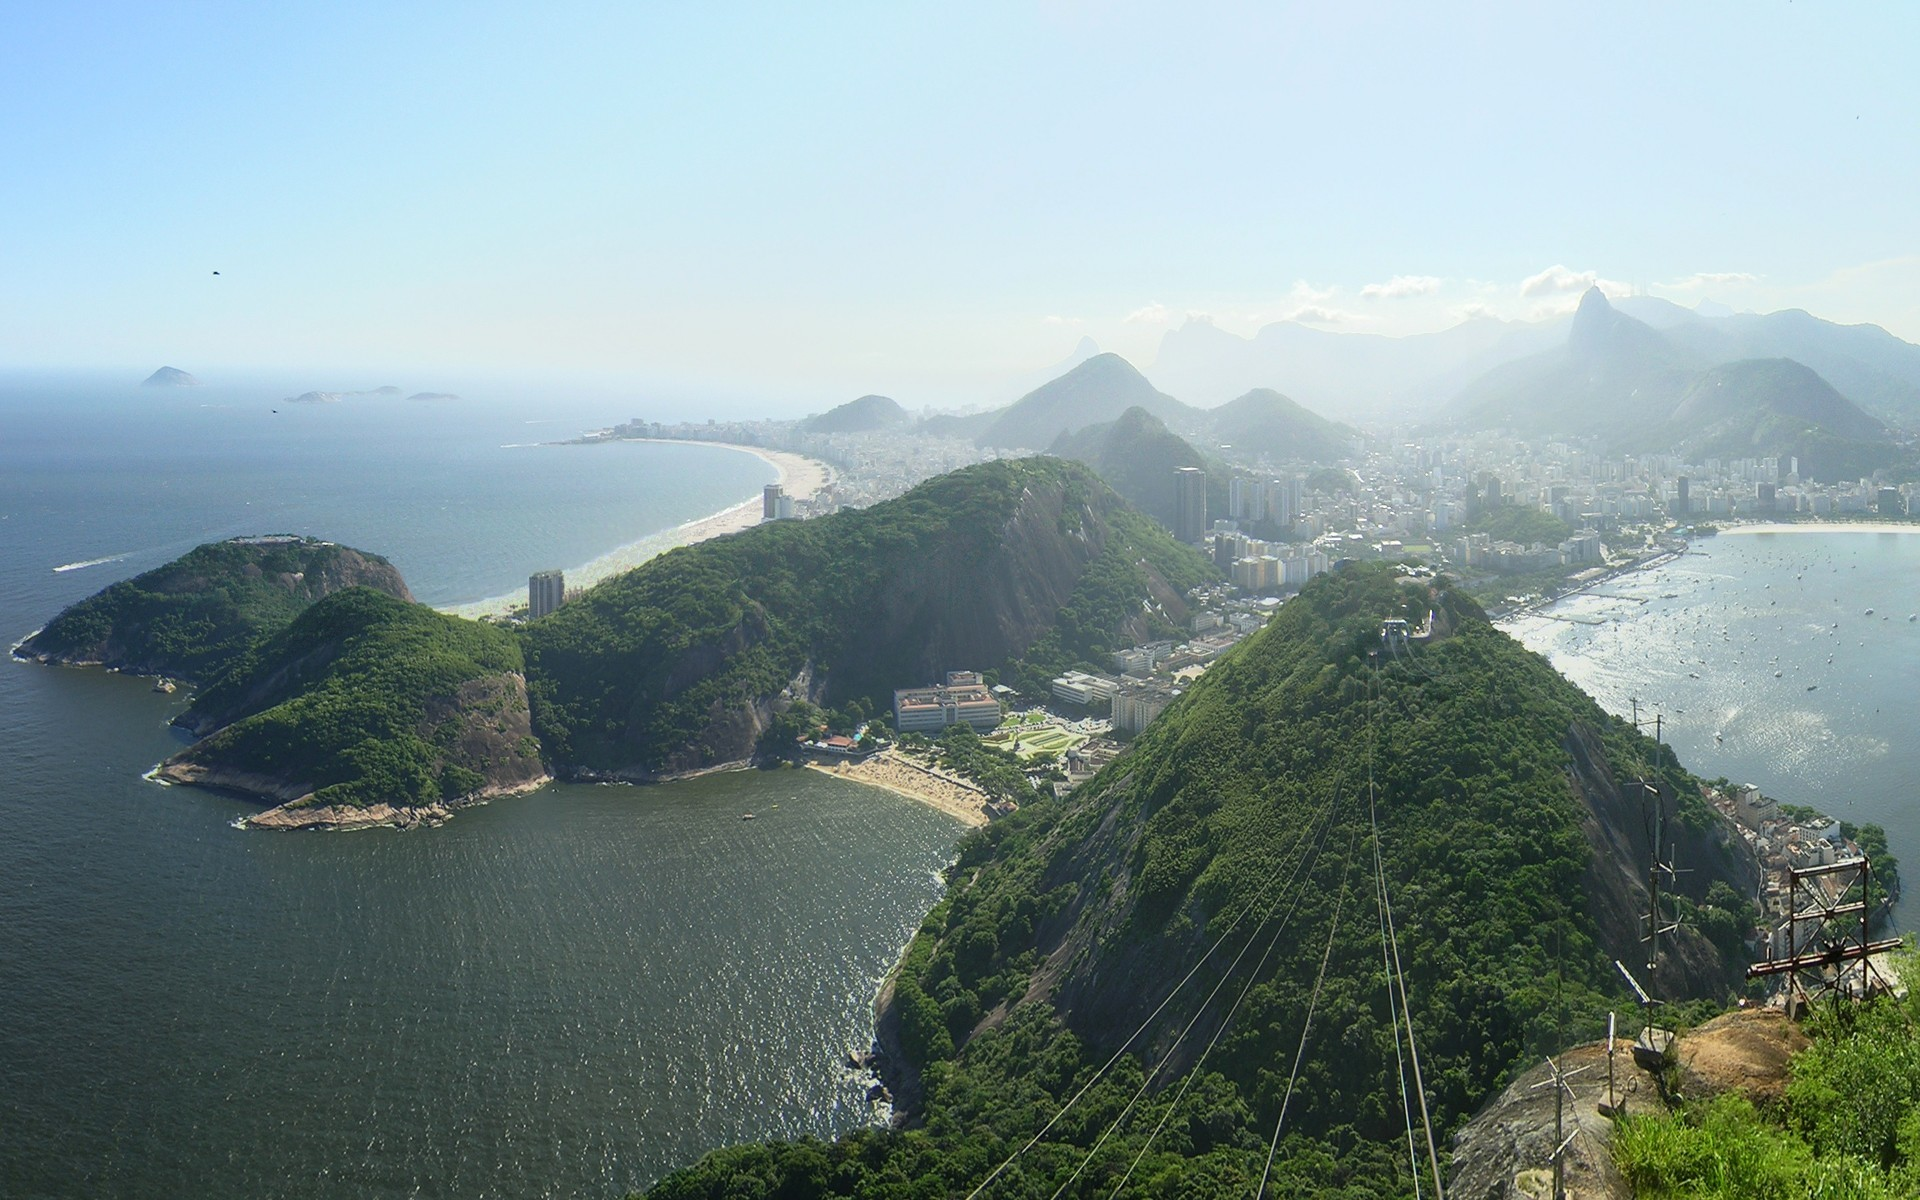 Beach cityscapes seas hills brazil rio de janeiro panorama bay wallpaper      22577   WallpaperUP